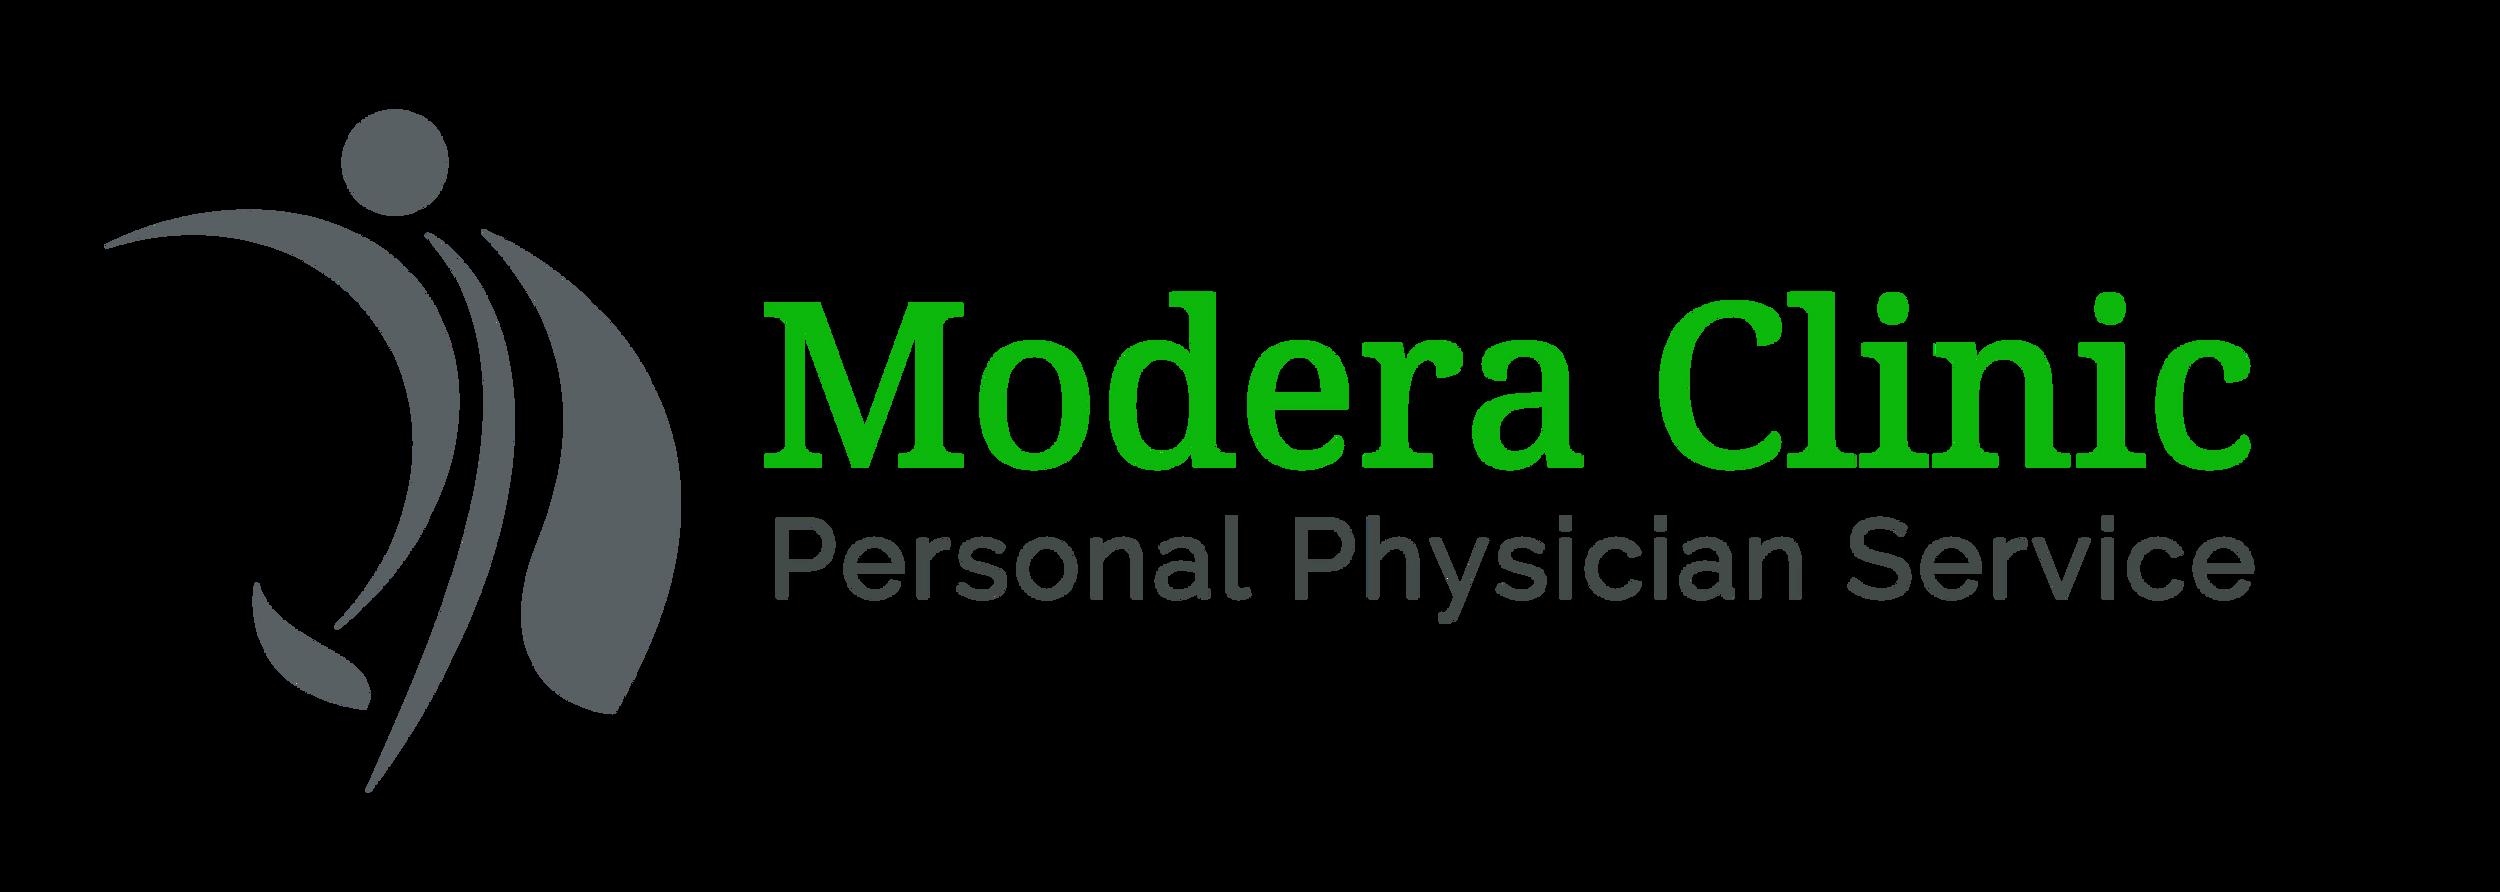 Modera Clinic